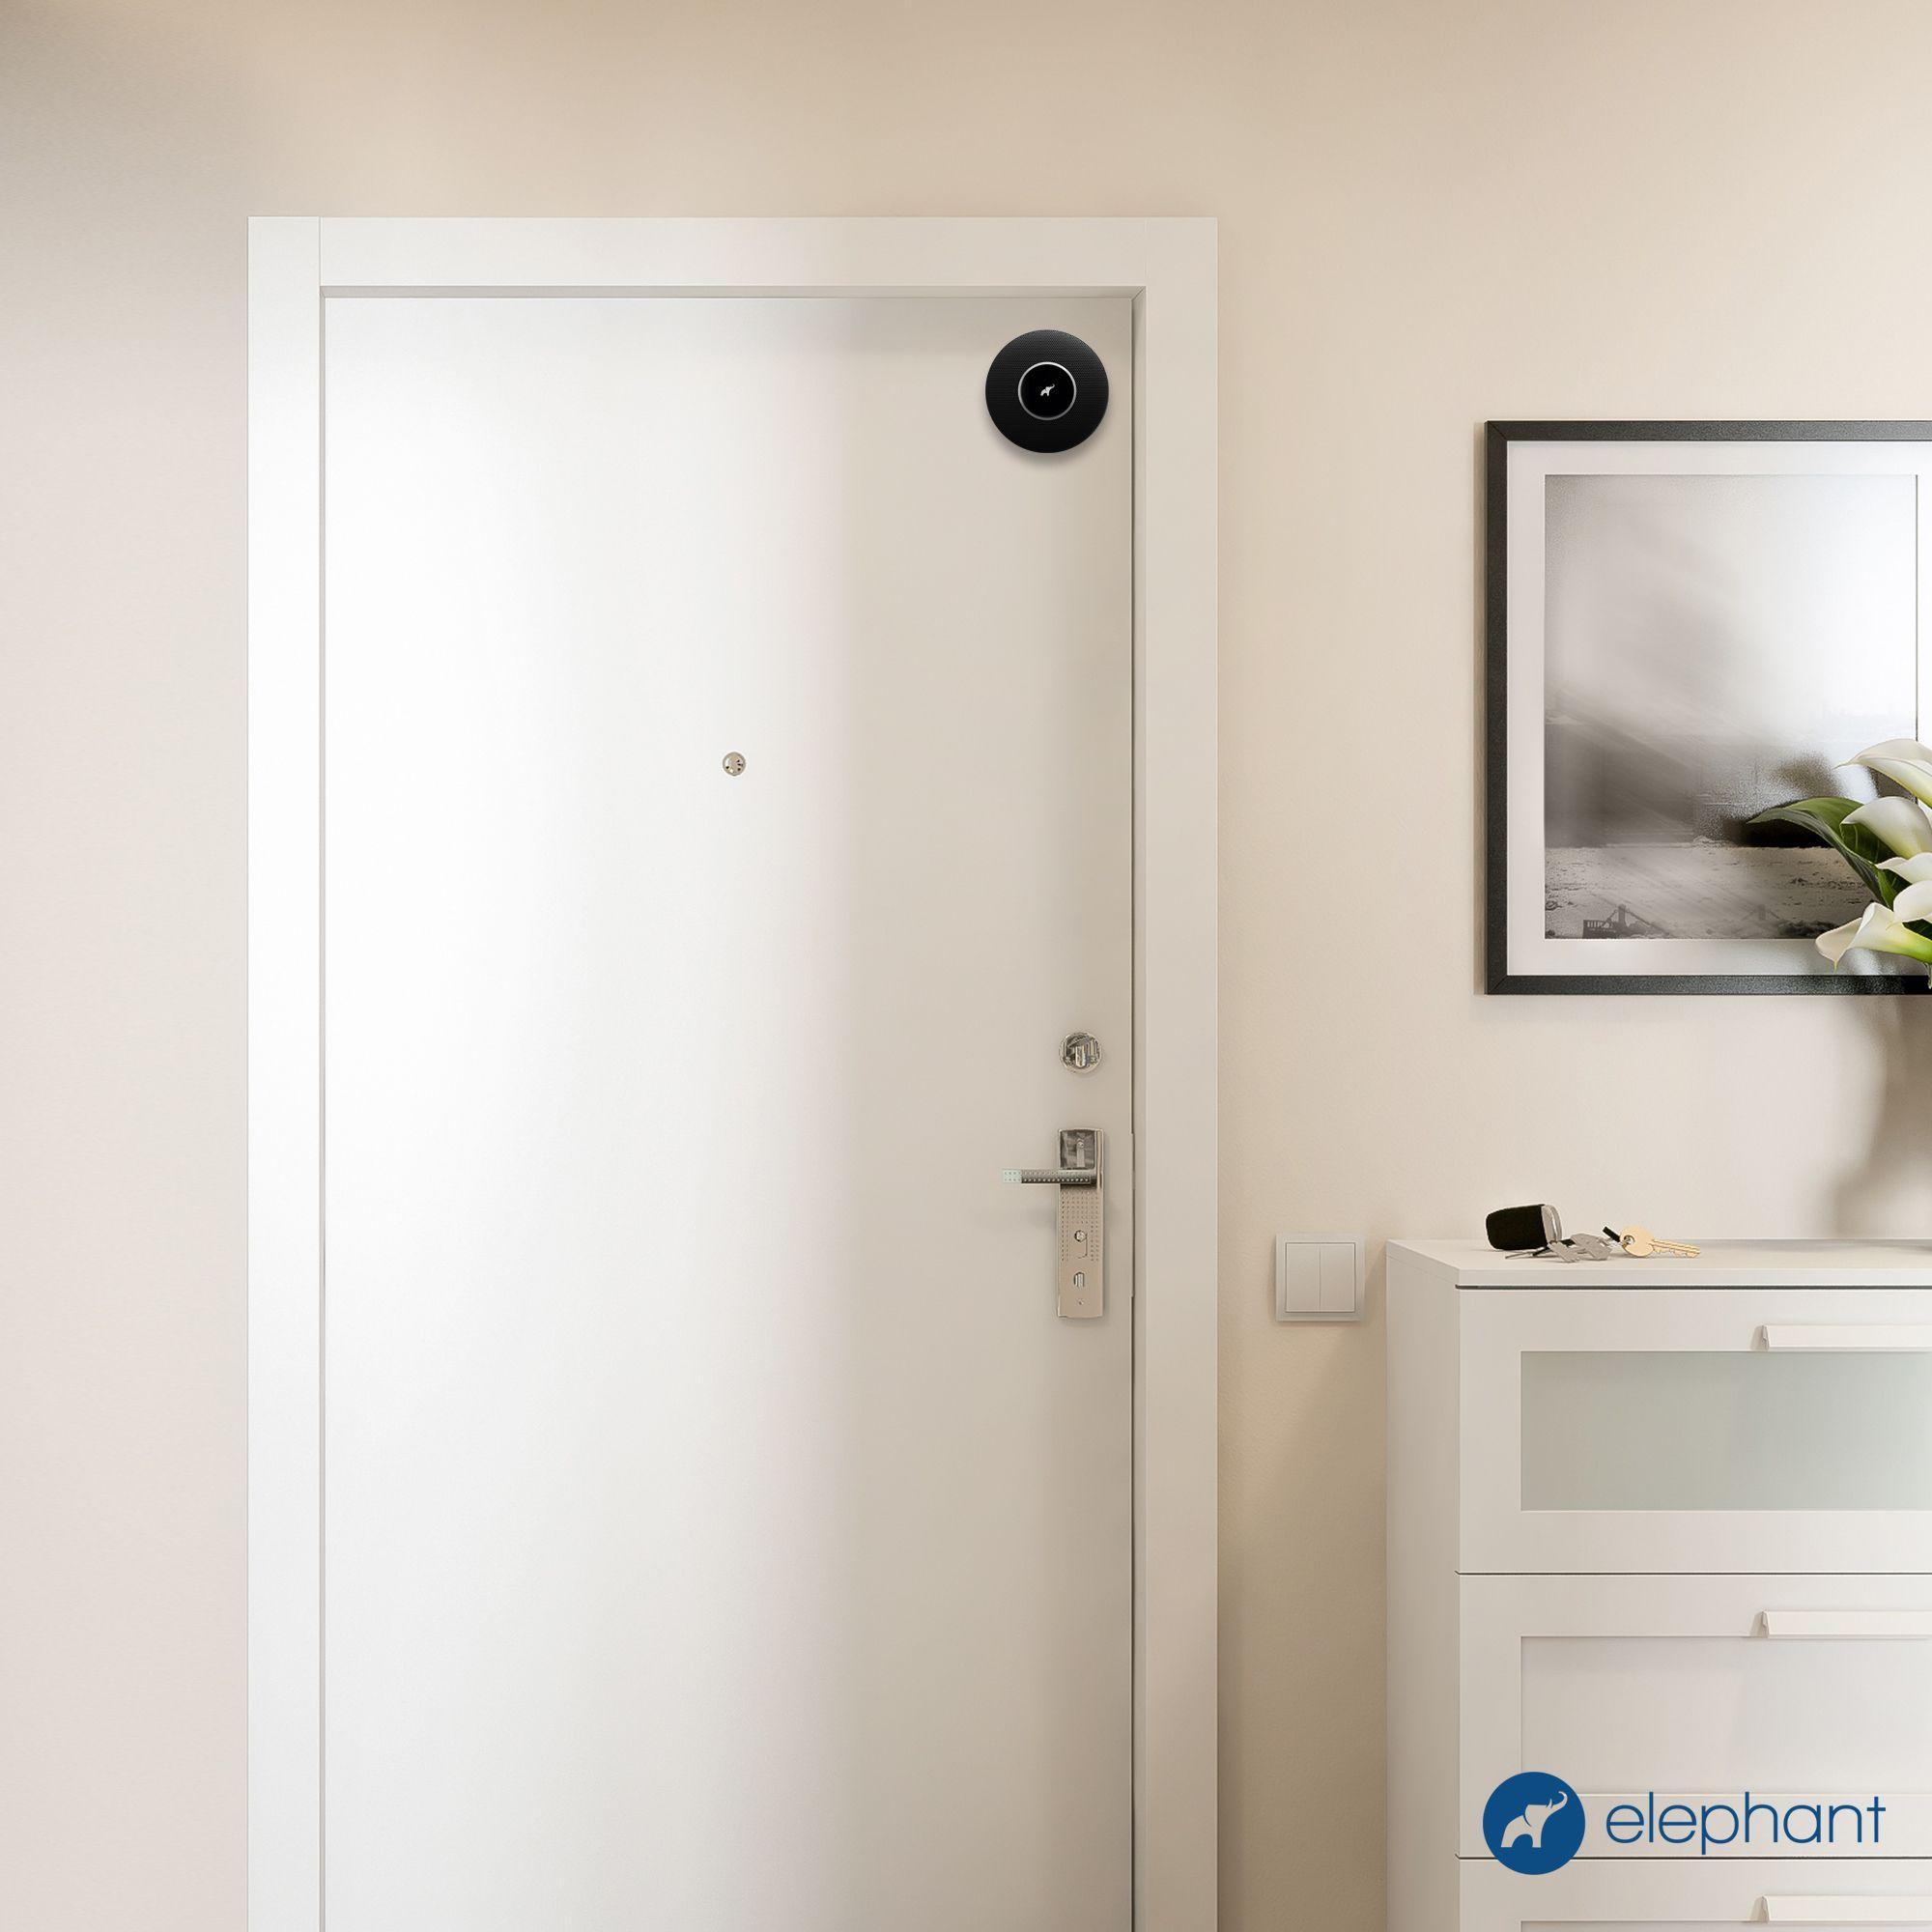 Door alarm elephant door smart super alarm perfect for